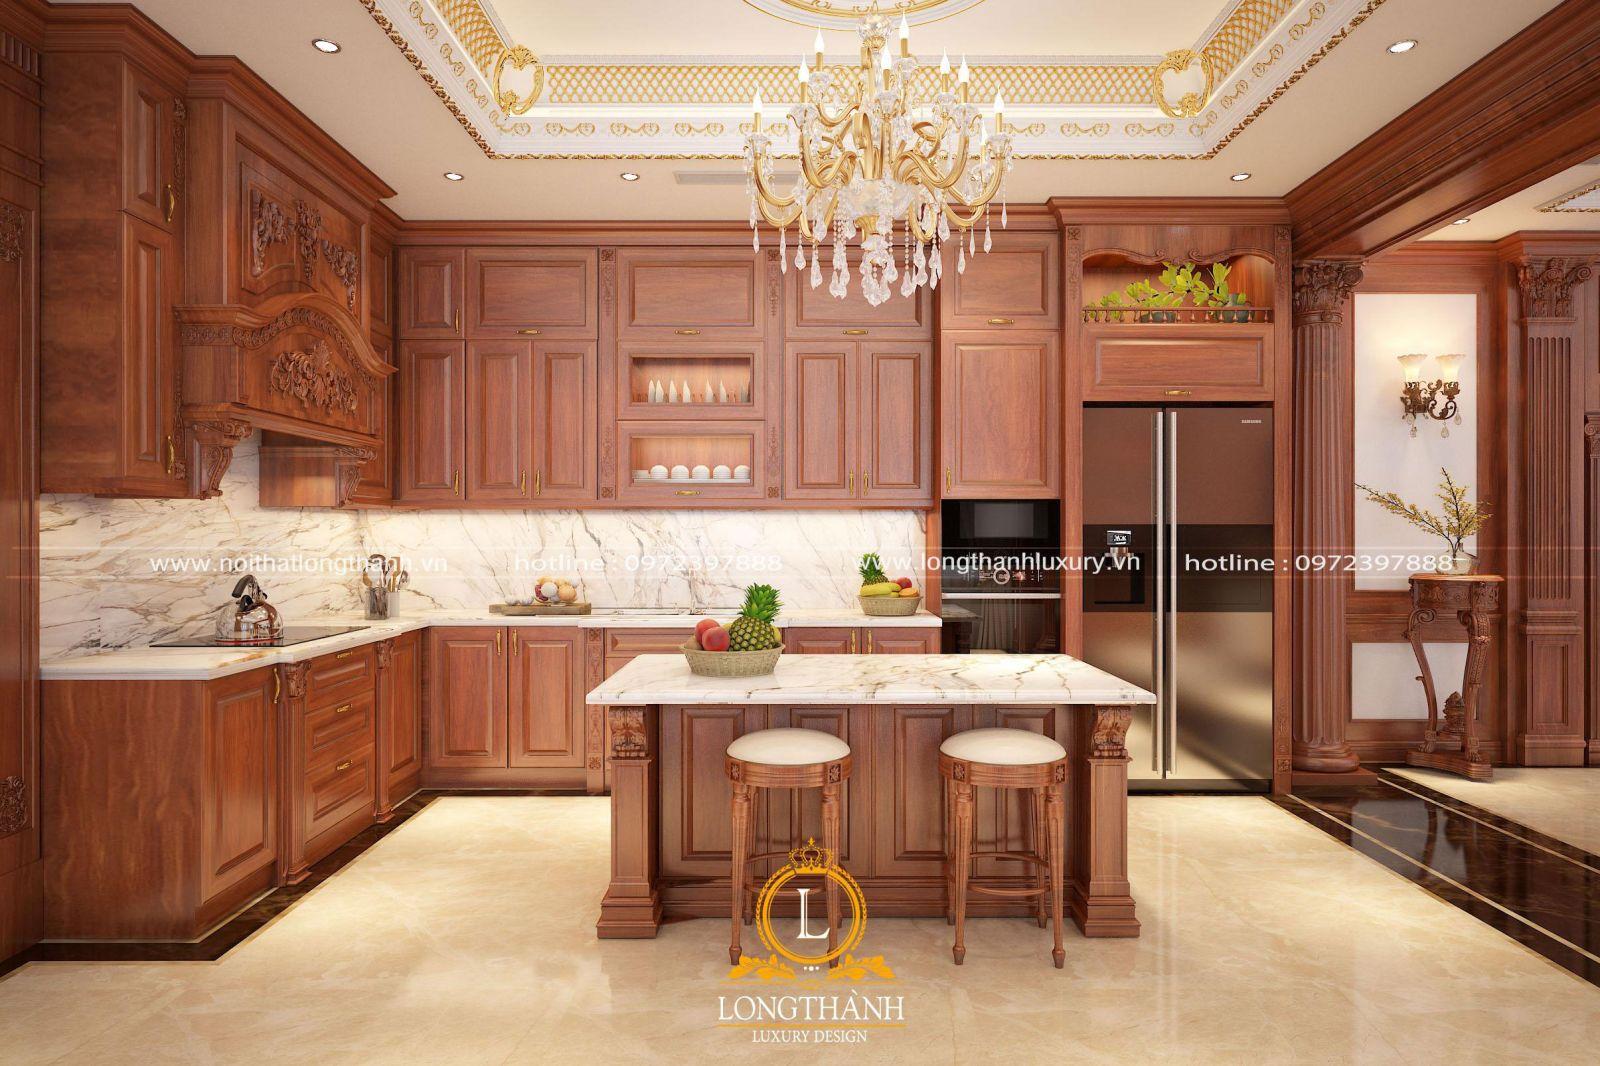 Đặt giữa trung tâm không gian phòng bếp là chiếc bàn đảo mặt đá tiện nghi và sang trọng